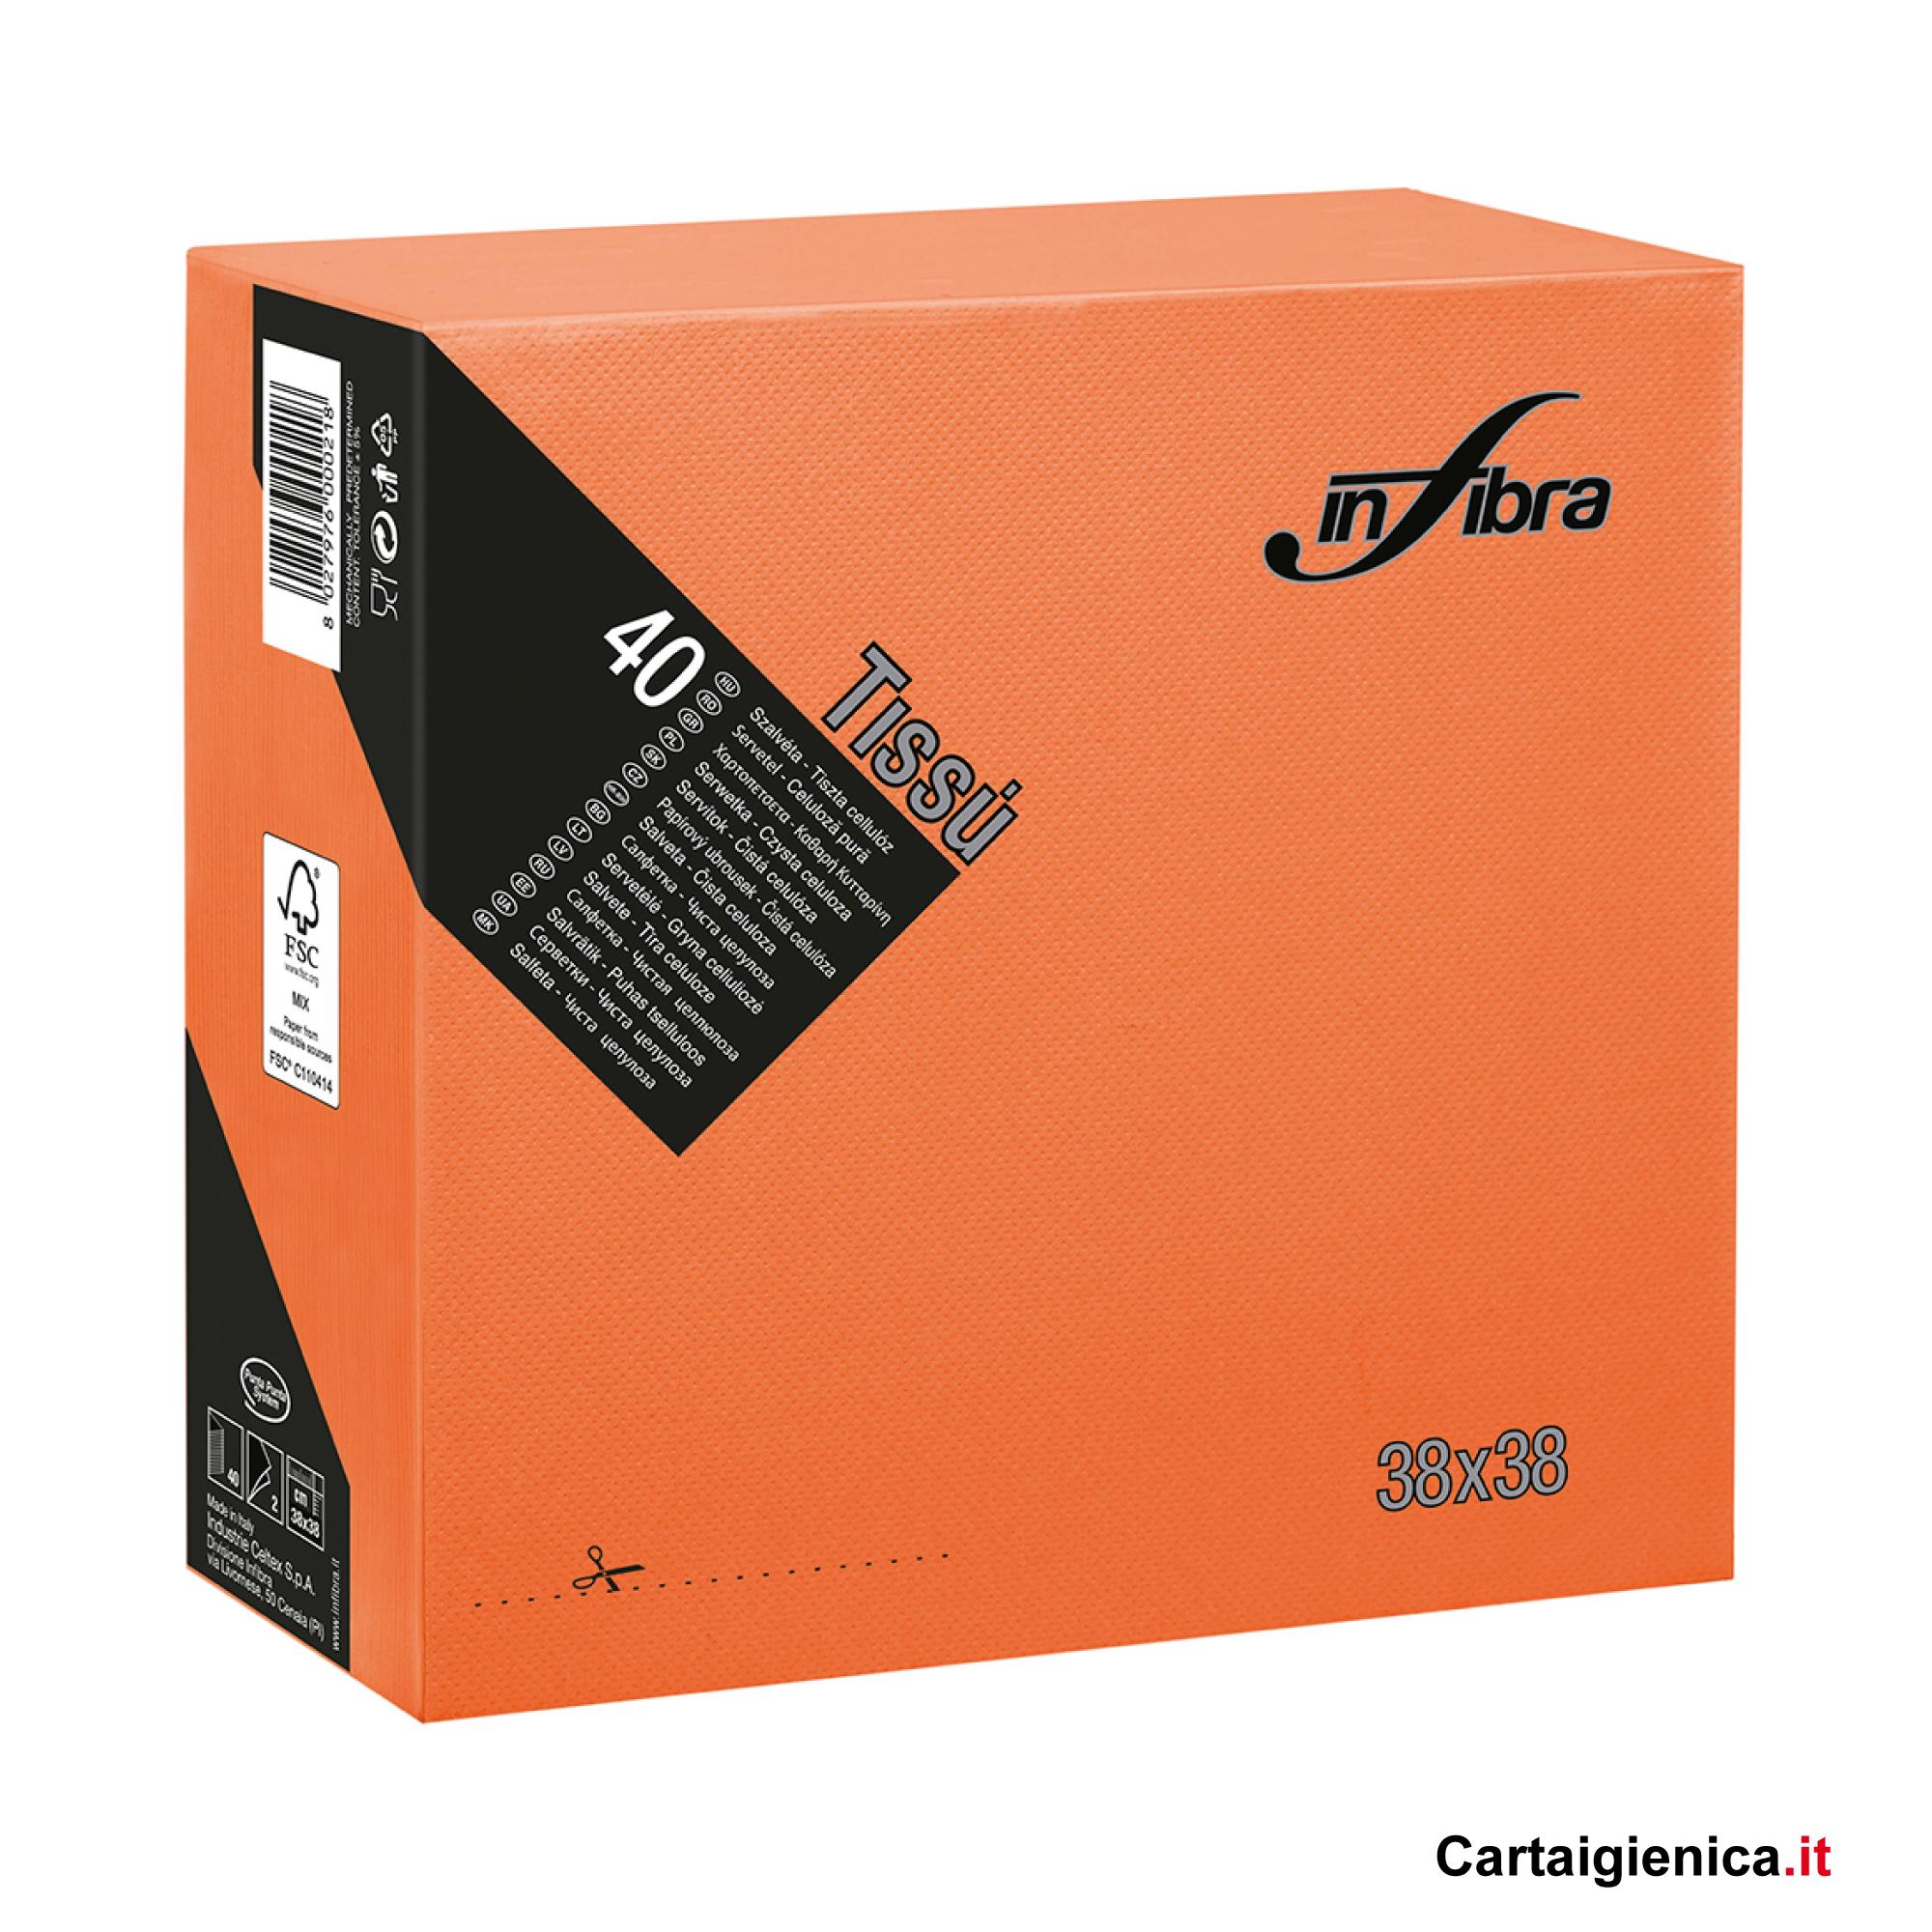 infibra-tovaglioli-tissu-arancio-2-veli-38-x-38-cm